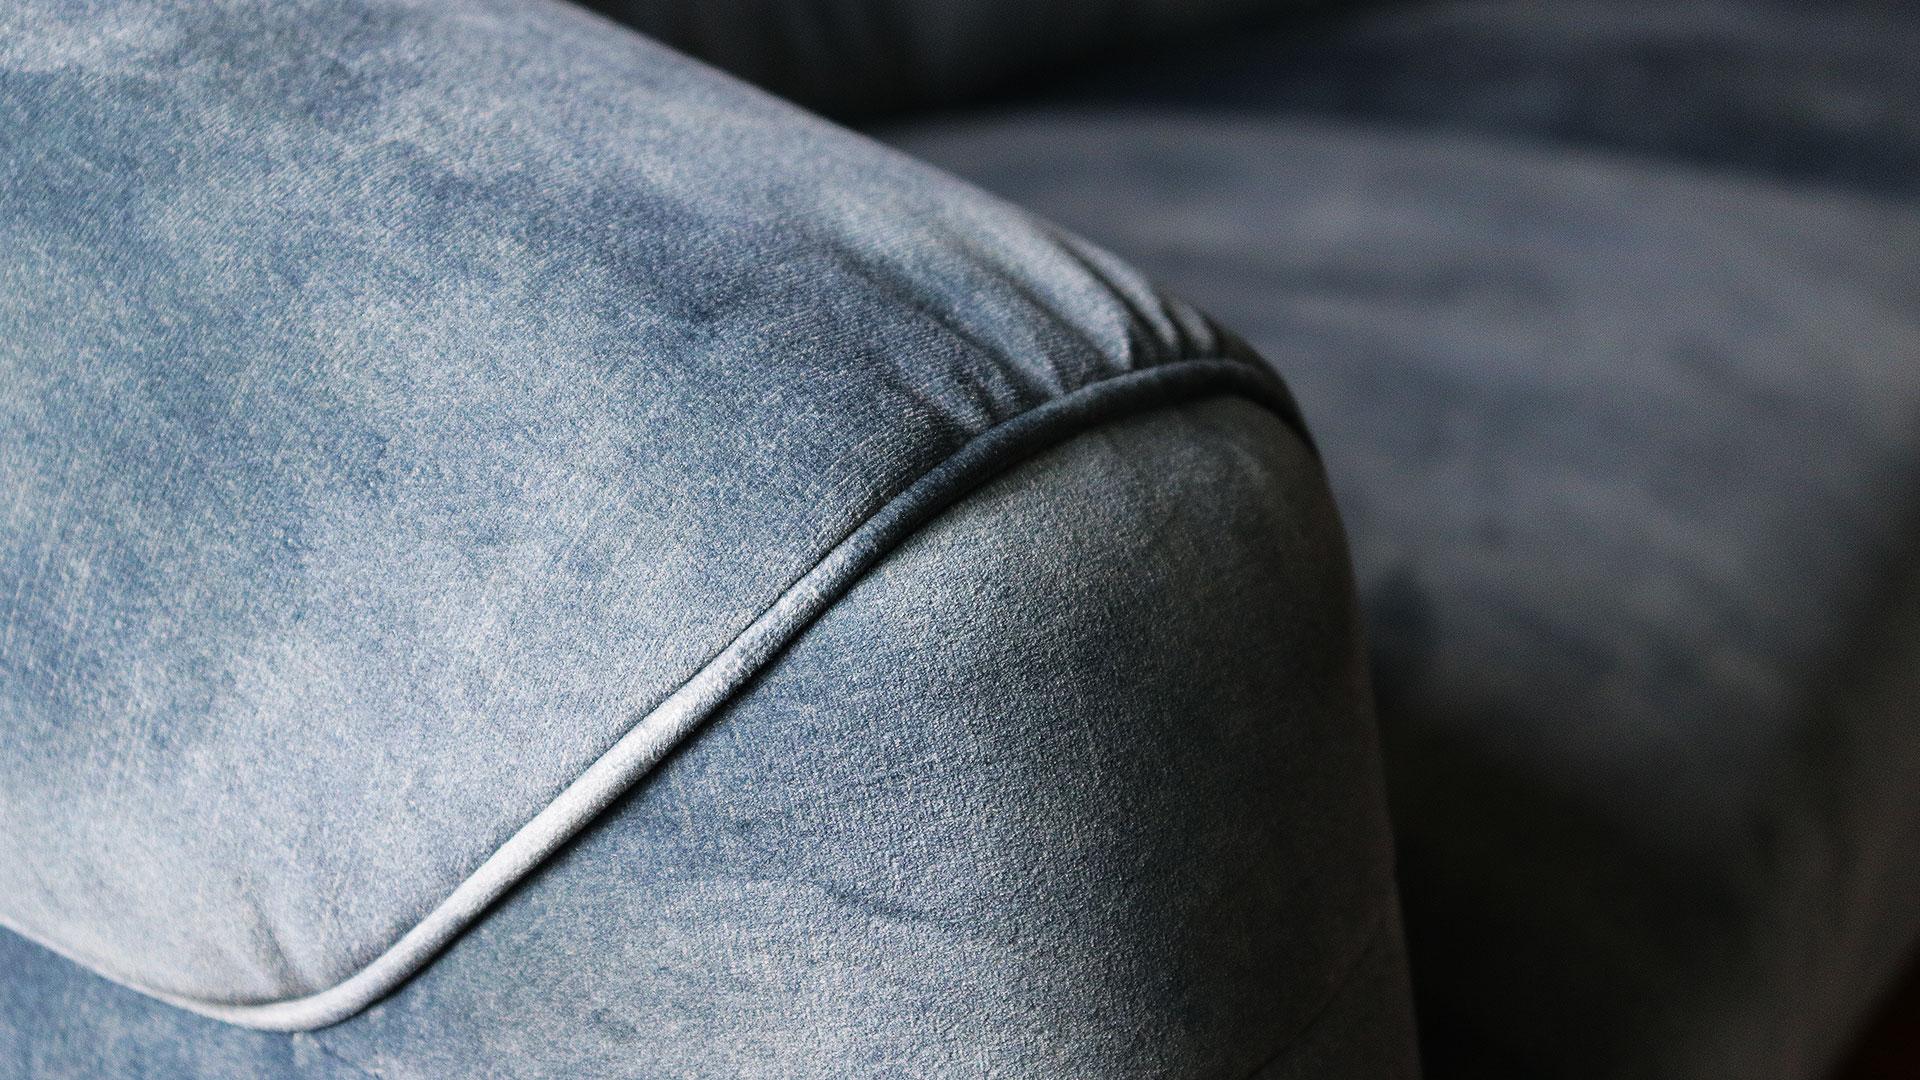 バイオリ―ノ社の欧米向けのオリジナルソファ。ベルベッド生地を使用した高級ソファ。フラヴィオの肘掛のアップ画像